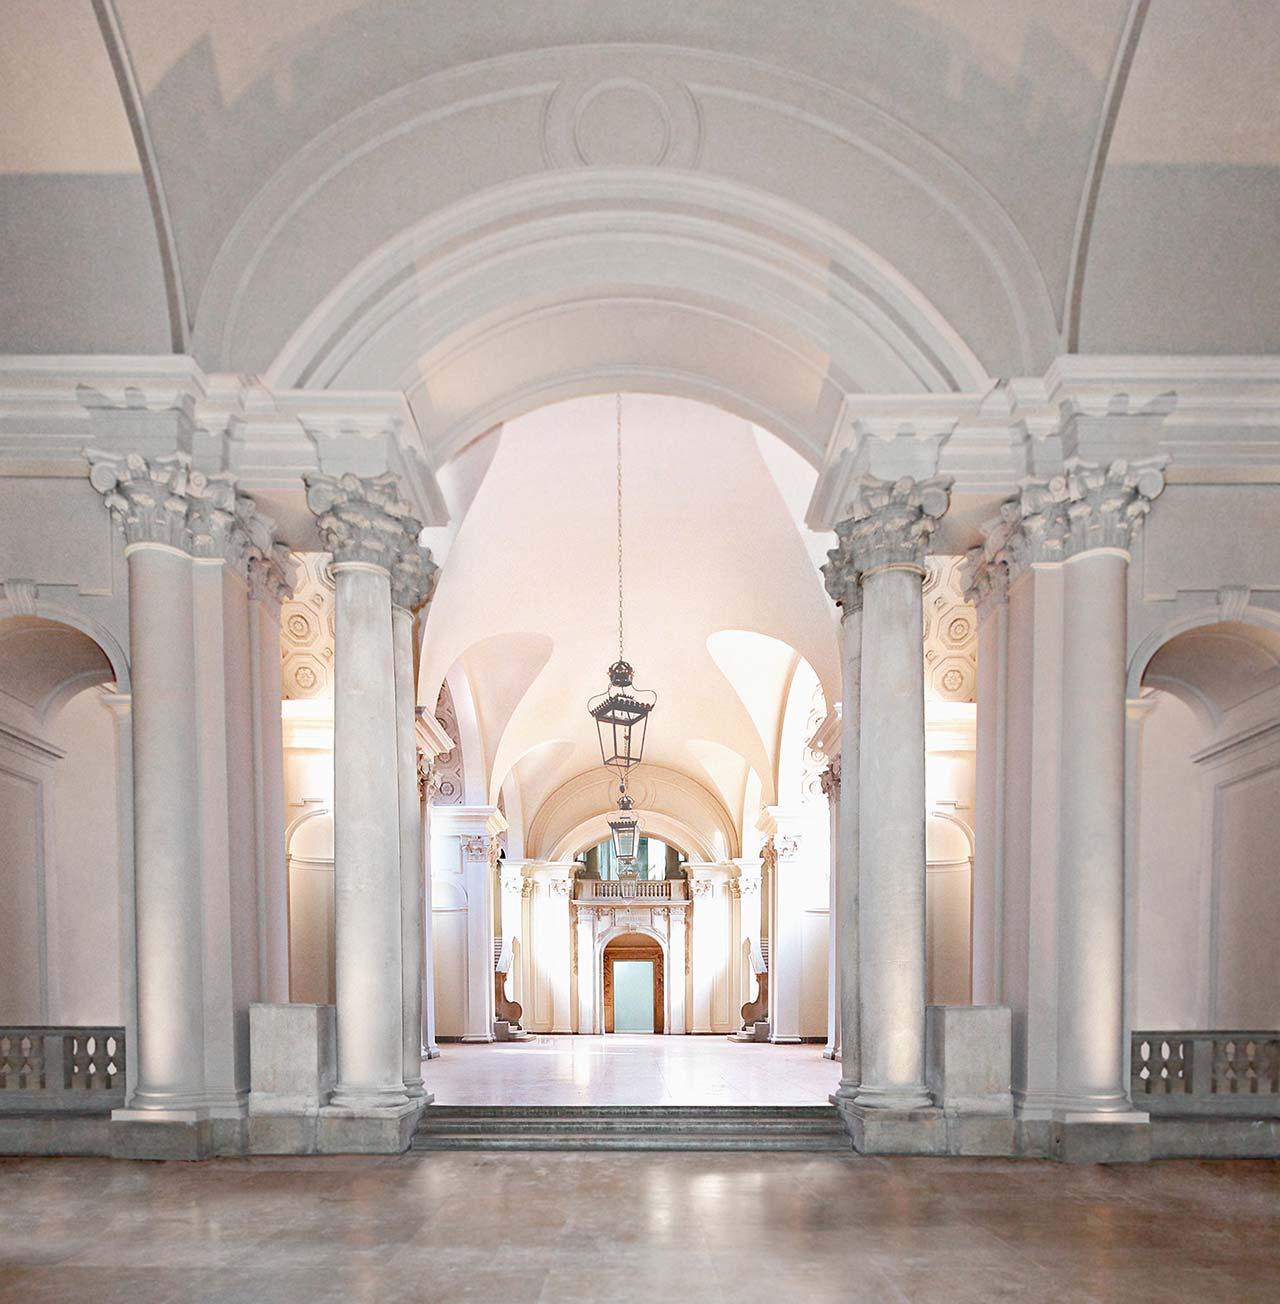 Τhe Great Hall atHessisches Landesmuseum Darmstadt.